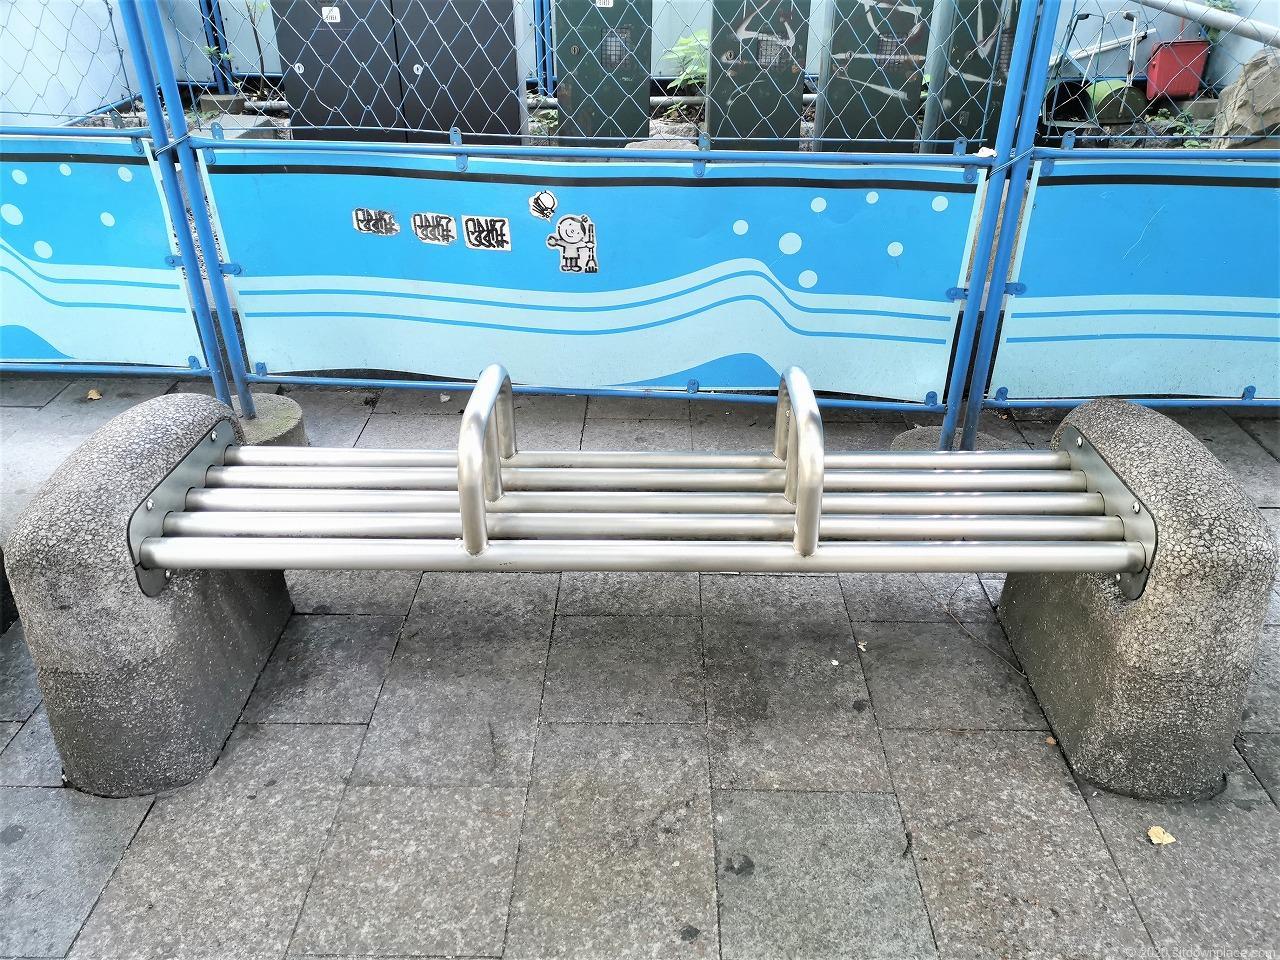 武蔵小杉駅 北口喫煙所前のベンチ